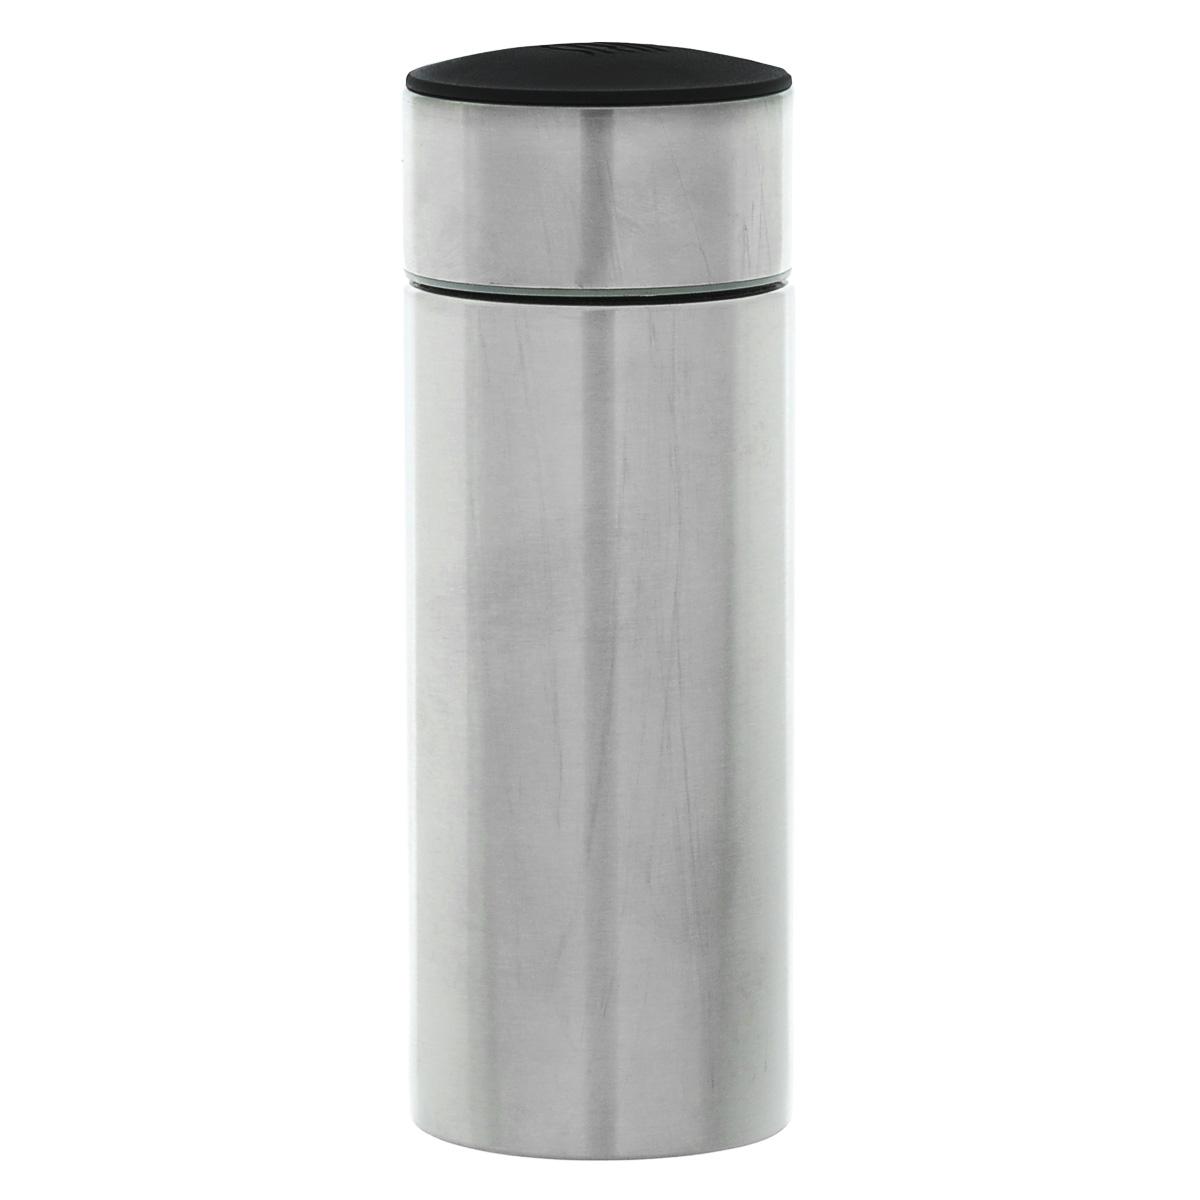 Термос-мини Iris Barcelona, 200 мл8321-IТермос-мини Iris Barcelona - очень удобный и практичный предмет, который поможет вам насладиться любимым напитком где угодно. Термос выполнен из высококачественной нержавеющей стали. Оснащен широким горлом и плотно закрывающейся крышкой с резьбой. Благодаря двойным стенкам, термос сохраняет температуру напитка до 5,5 часов. Подходит как для холодных, так и для горячих напитков. Основание прорезиненное. Компактные размеры позволят уместить его даже в самой маленькой сумке. Его можно взять с собой на отдых, на работу или учебу, на прогулку, в путешествие. Диаметр: 5,5 см. Высота (с крышкой): 15 см.